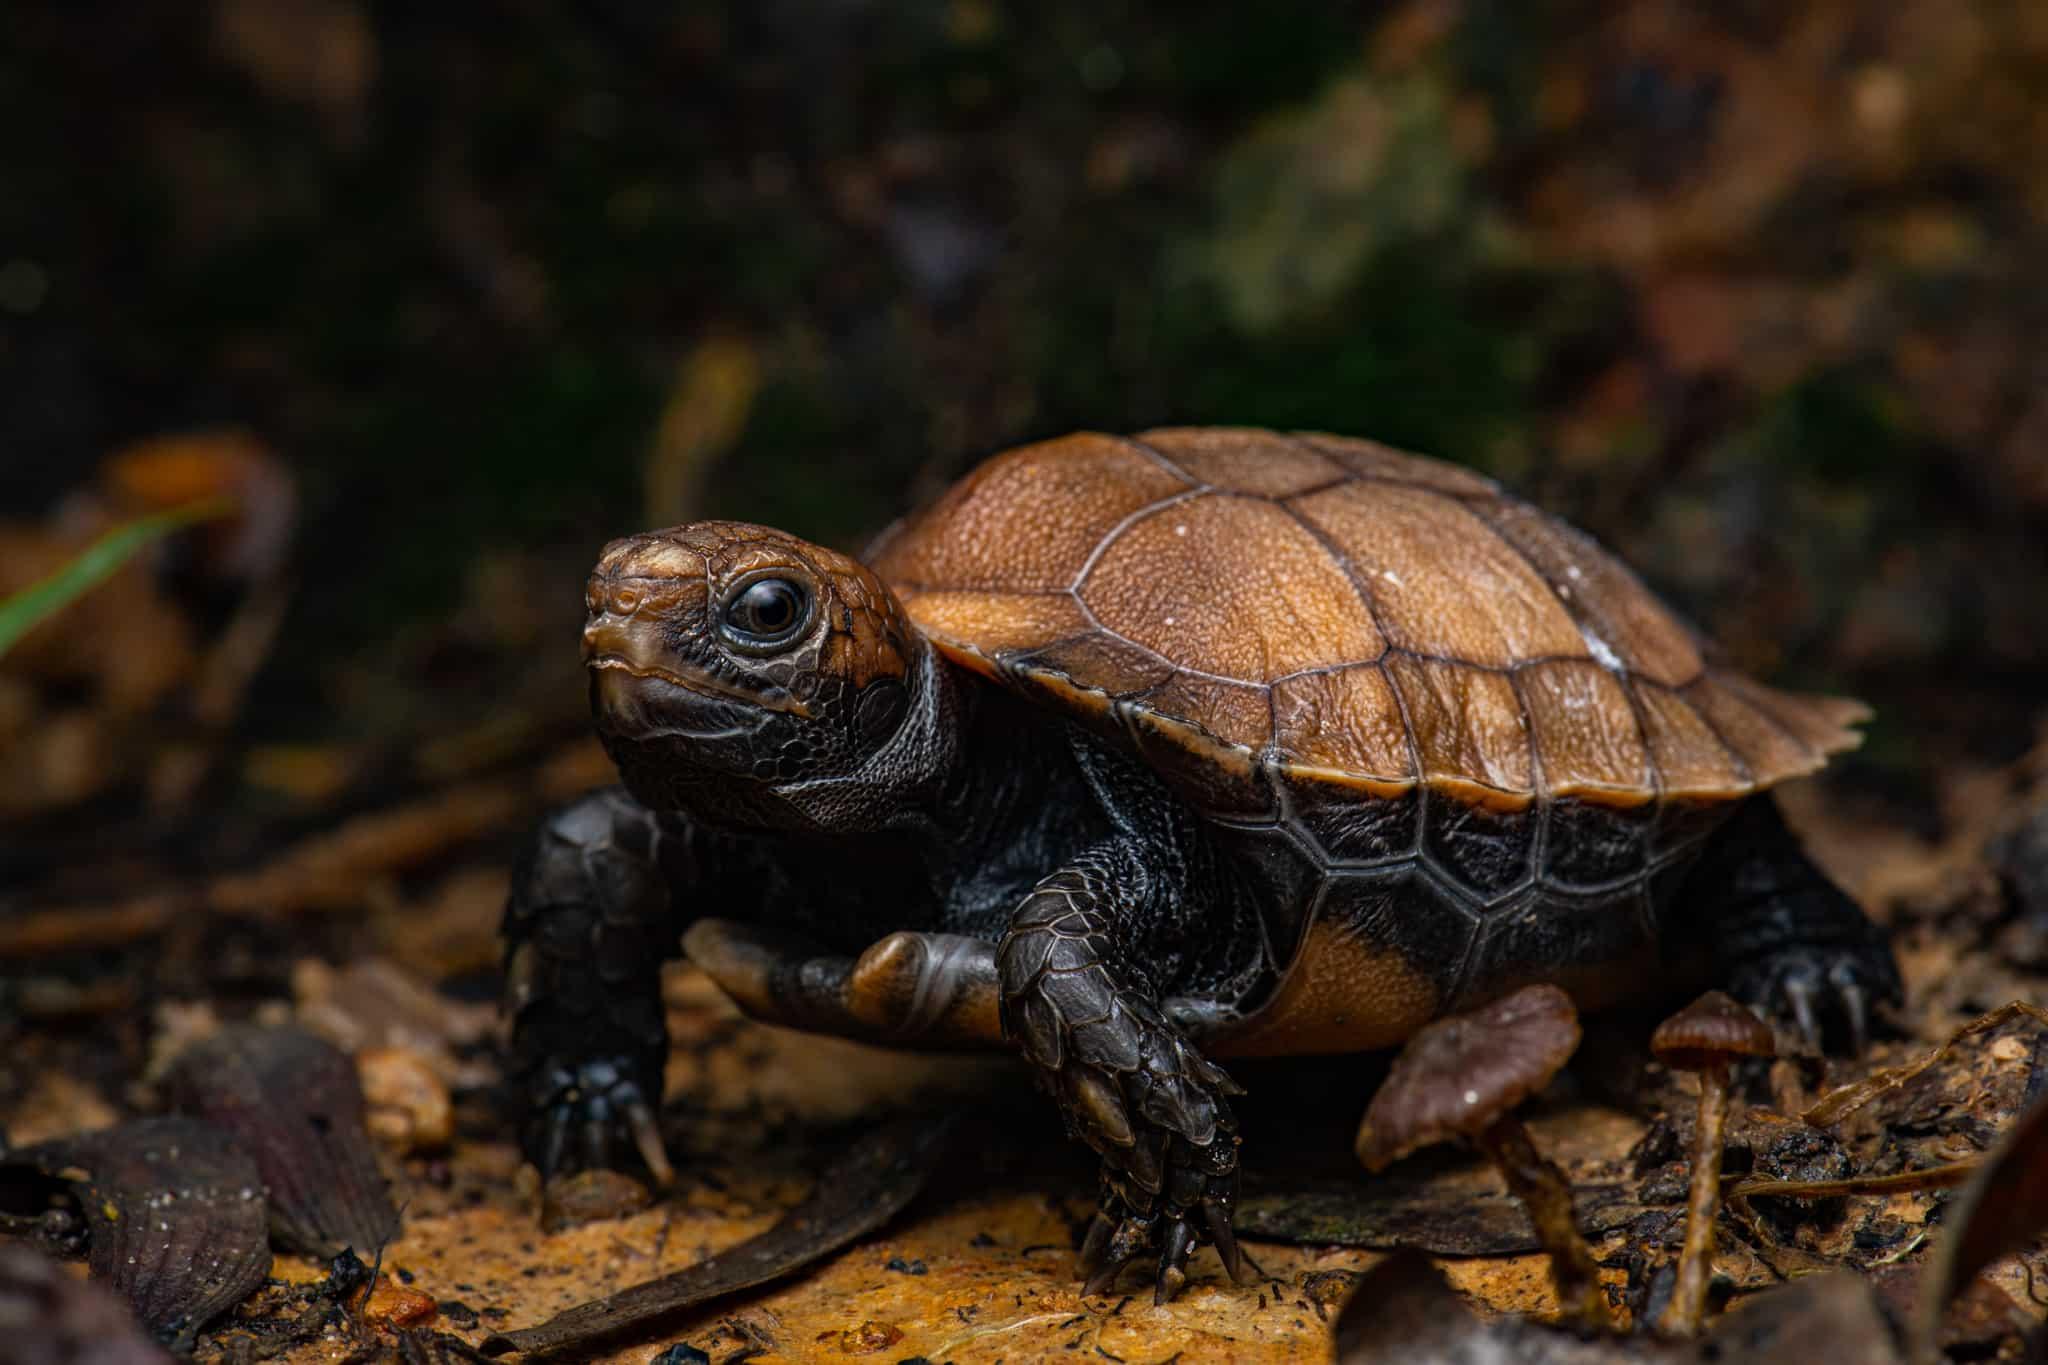 Testudines: Turtles